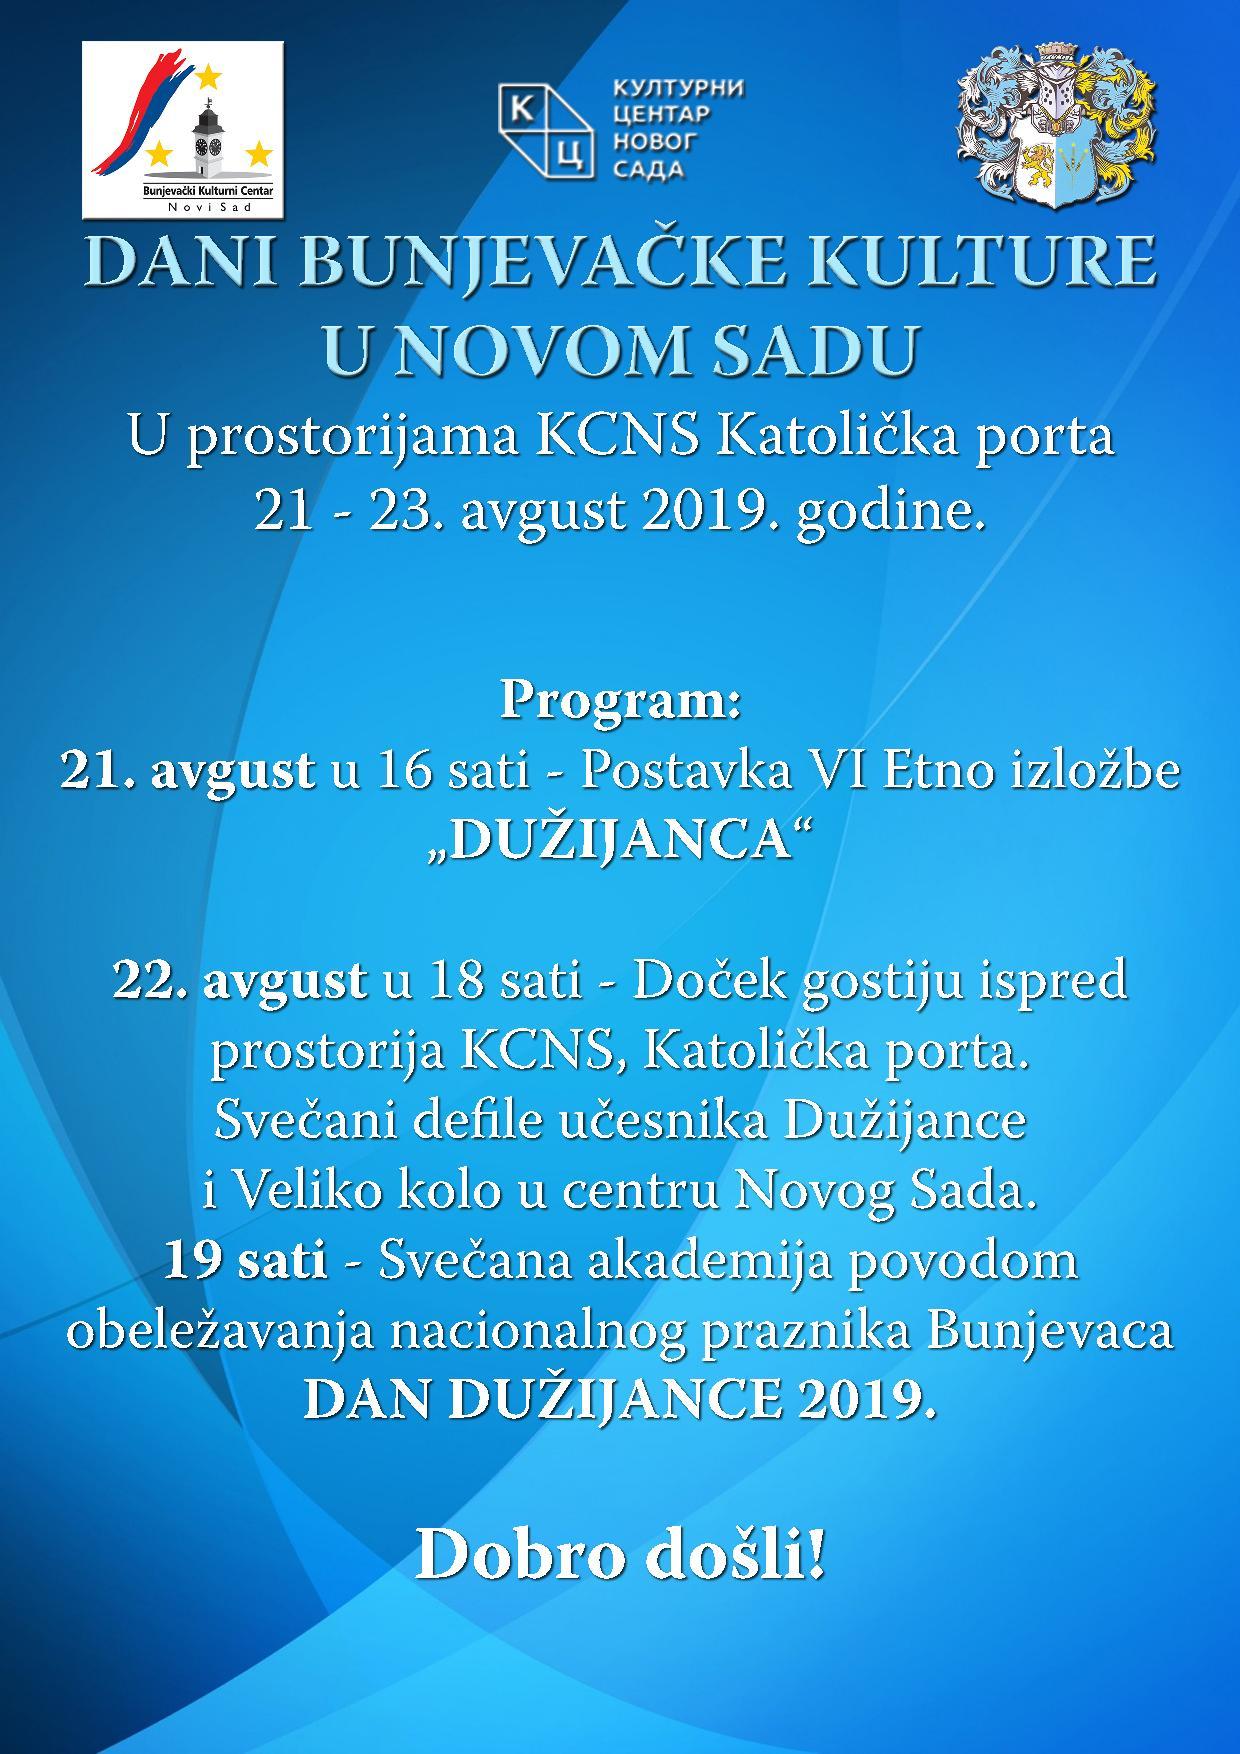 """""""Dani bunjevačke kulture""""od 21. avgusta u KCNS"""